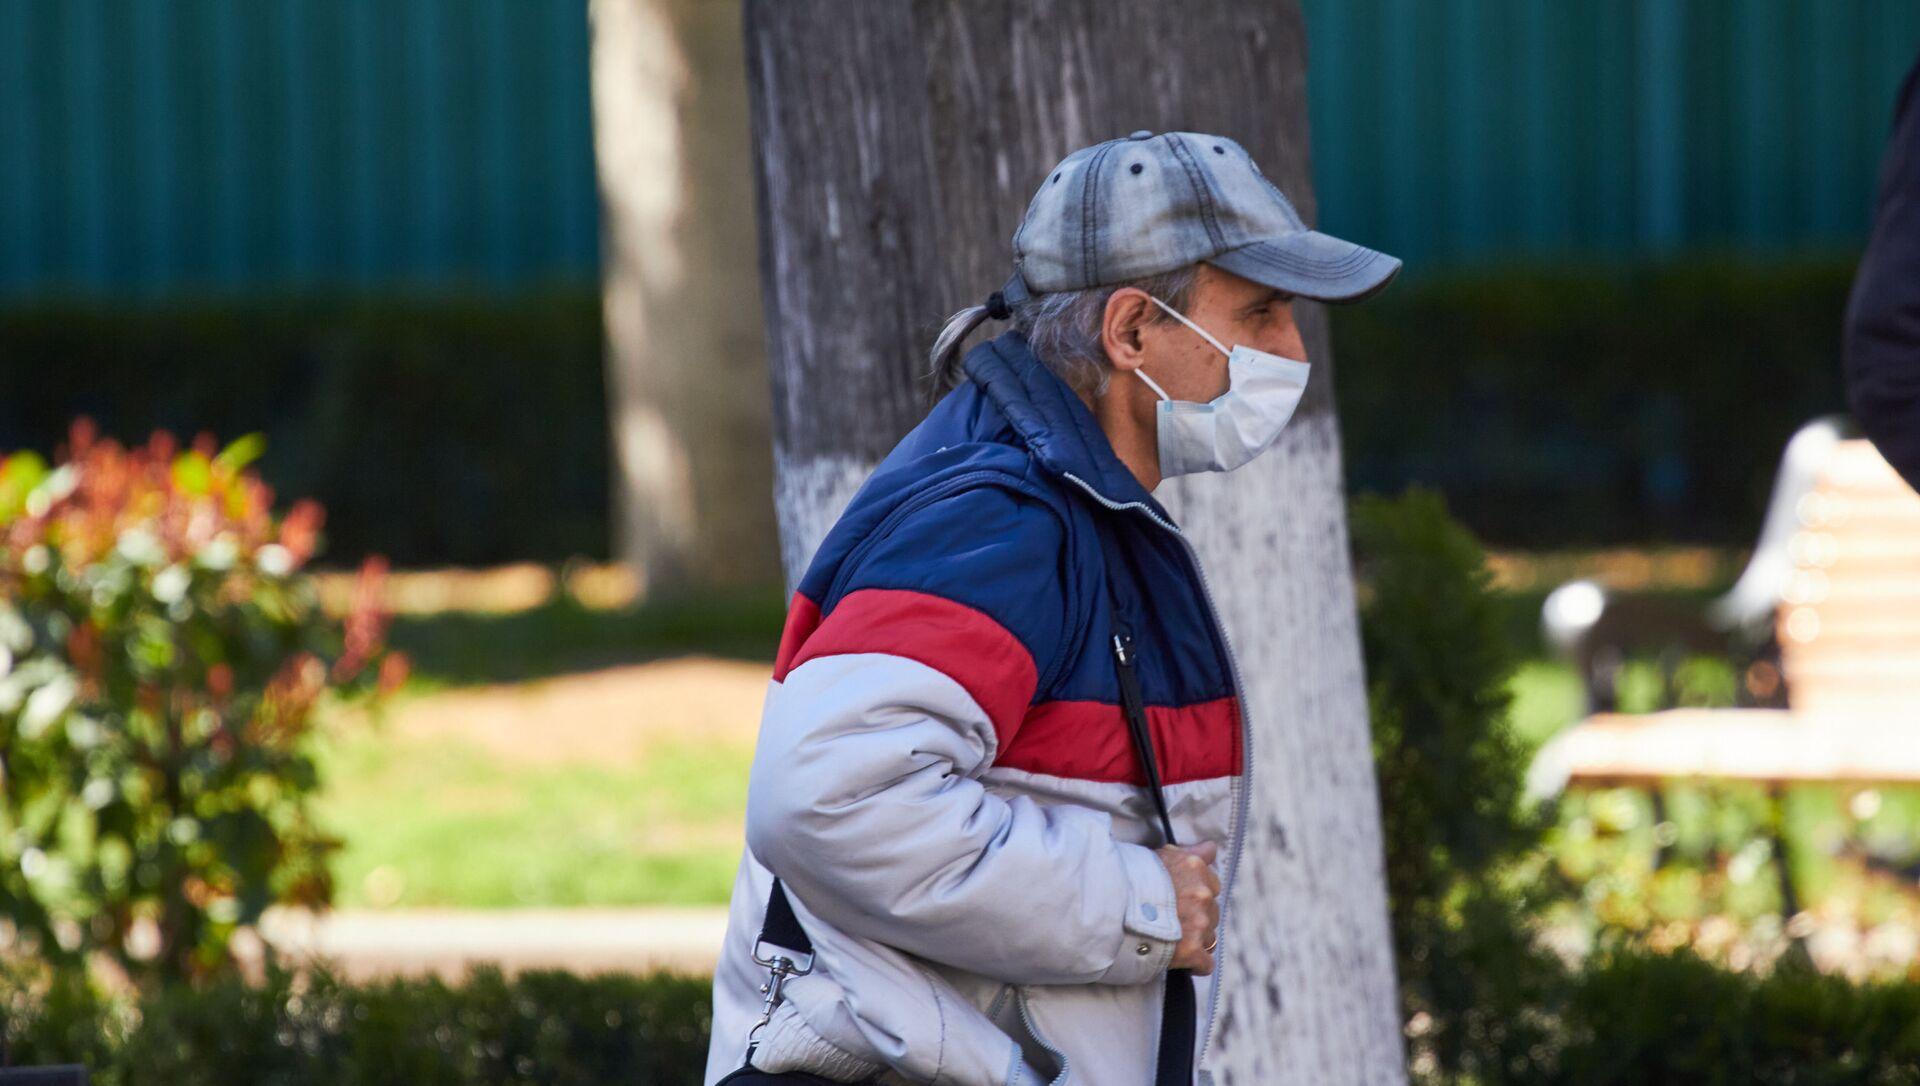 Эпидемия коронавируса - прохожие на улице в масках - Sputnik Грузия, 1920, 03.04.2021